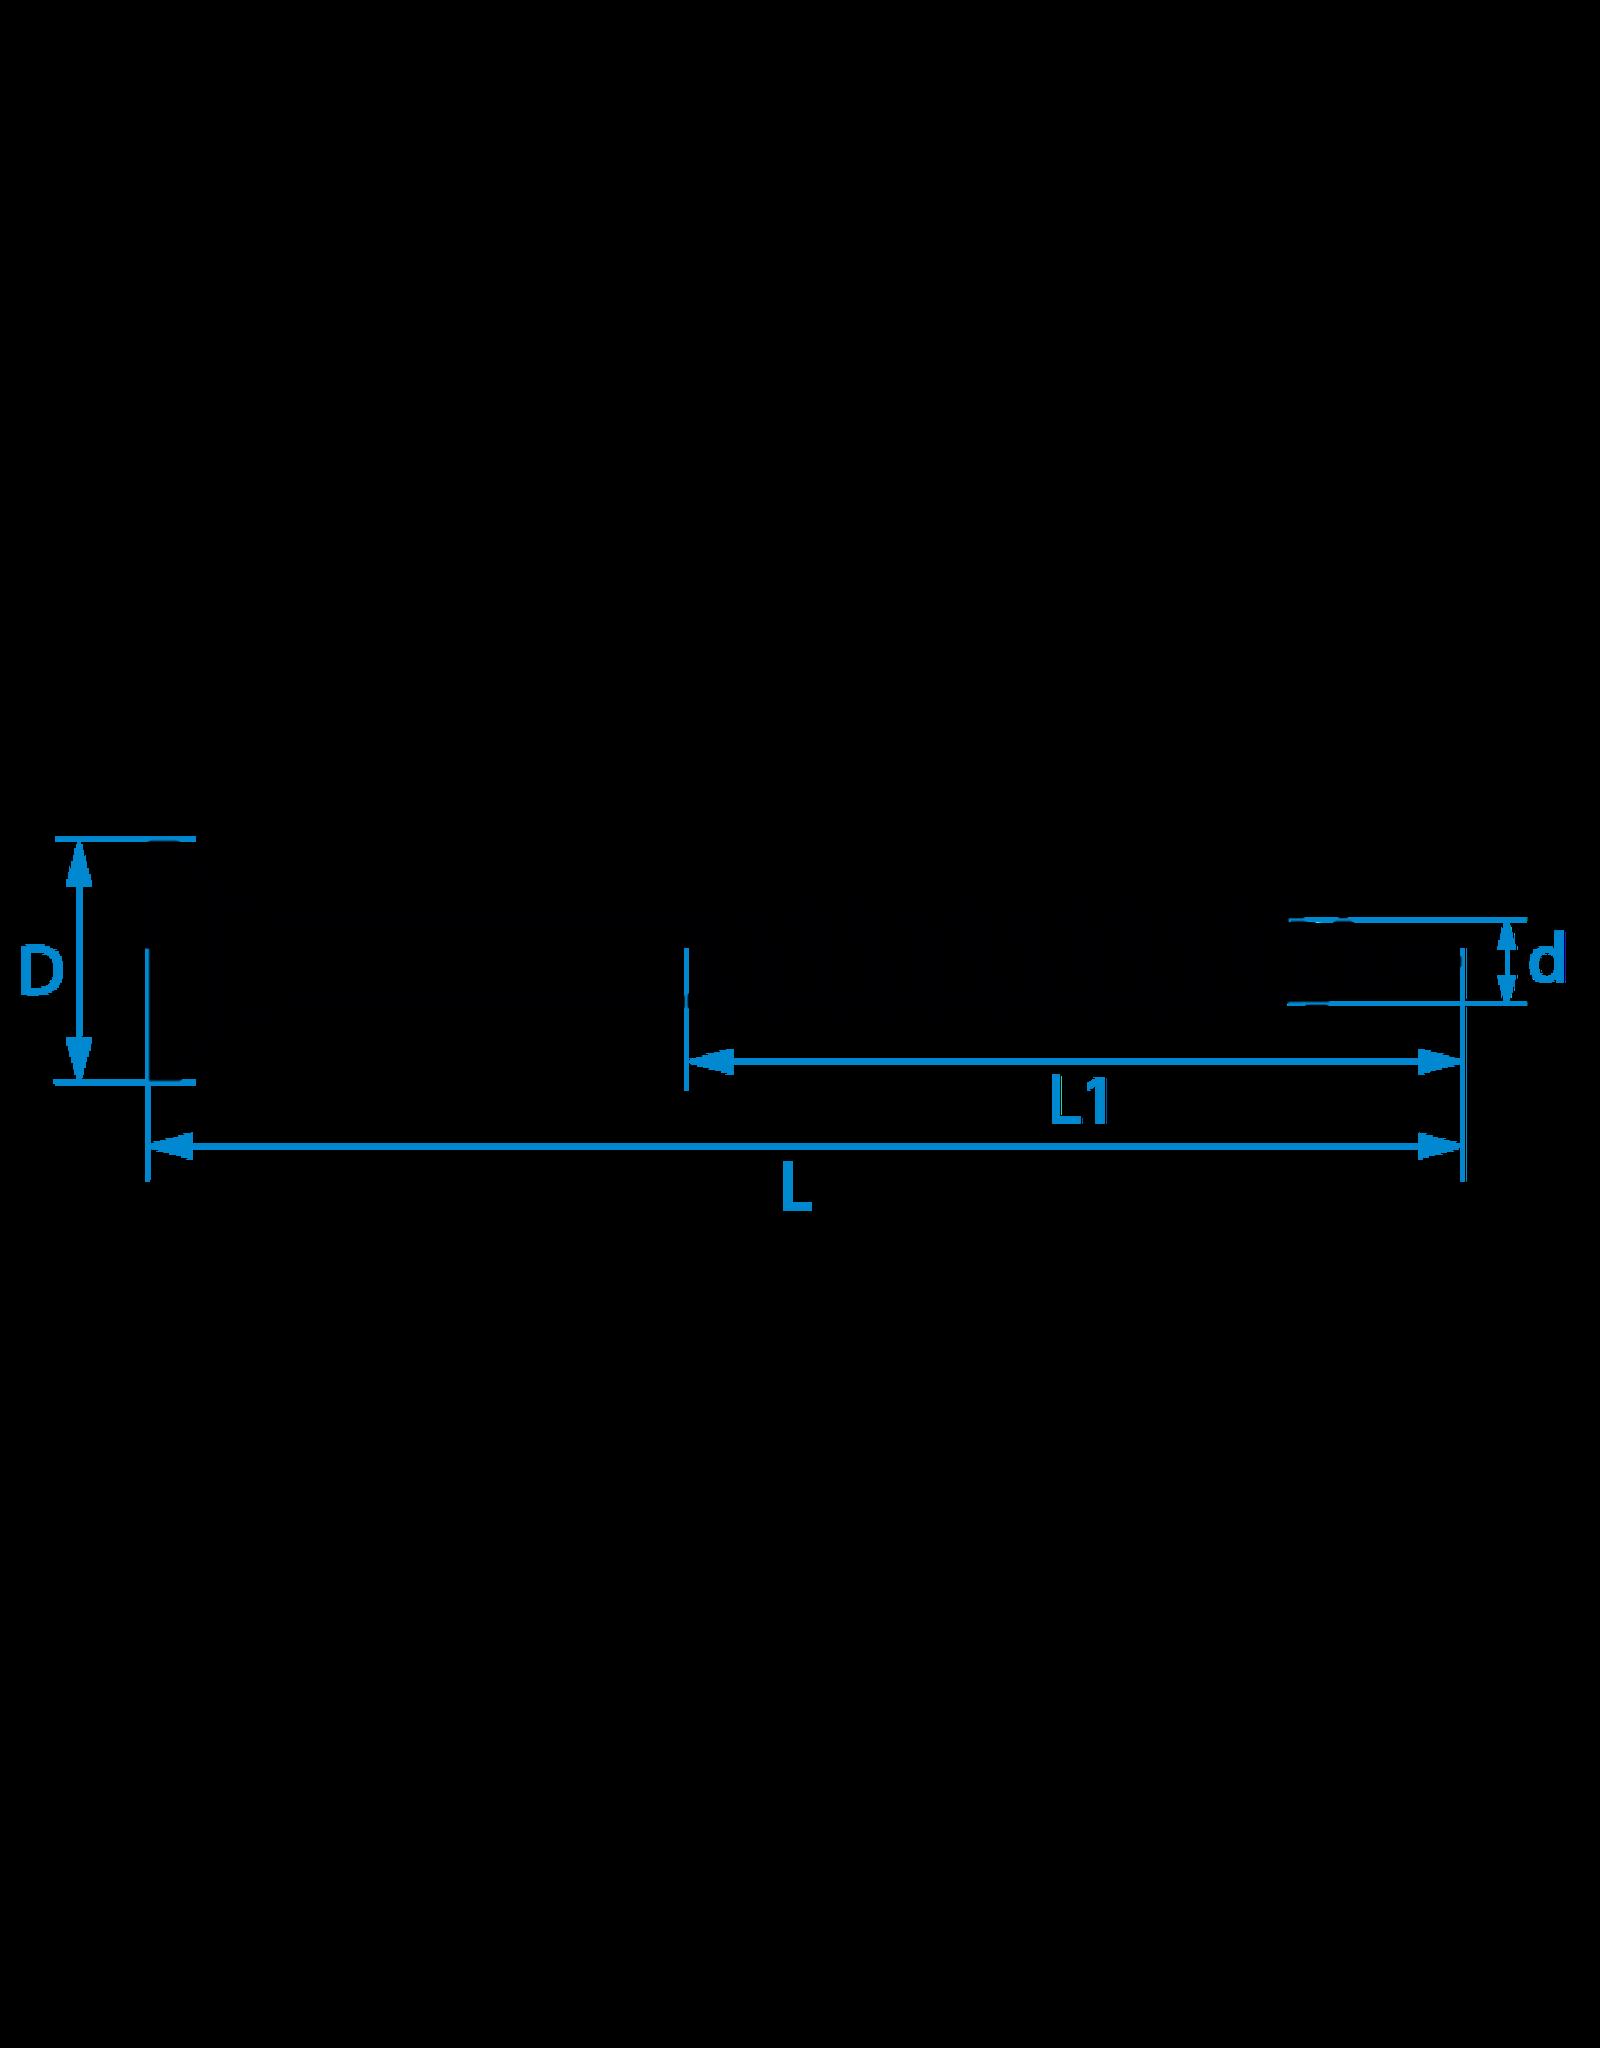 Spaanplaatschroeven platkop deeldraad 4.5x35/21 TX-20 staal gehard verzinkt per 200 stuks